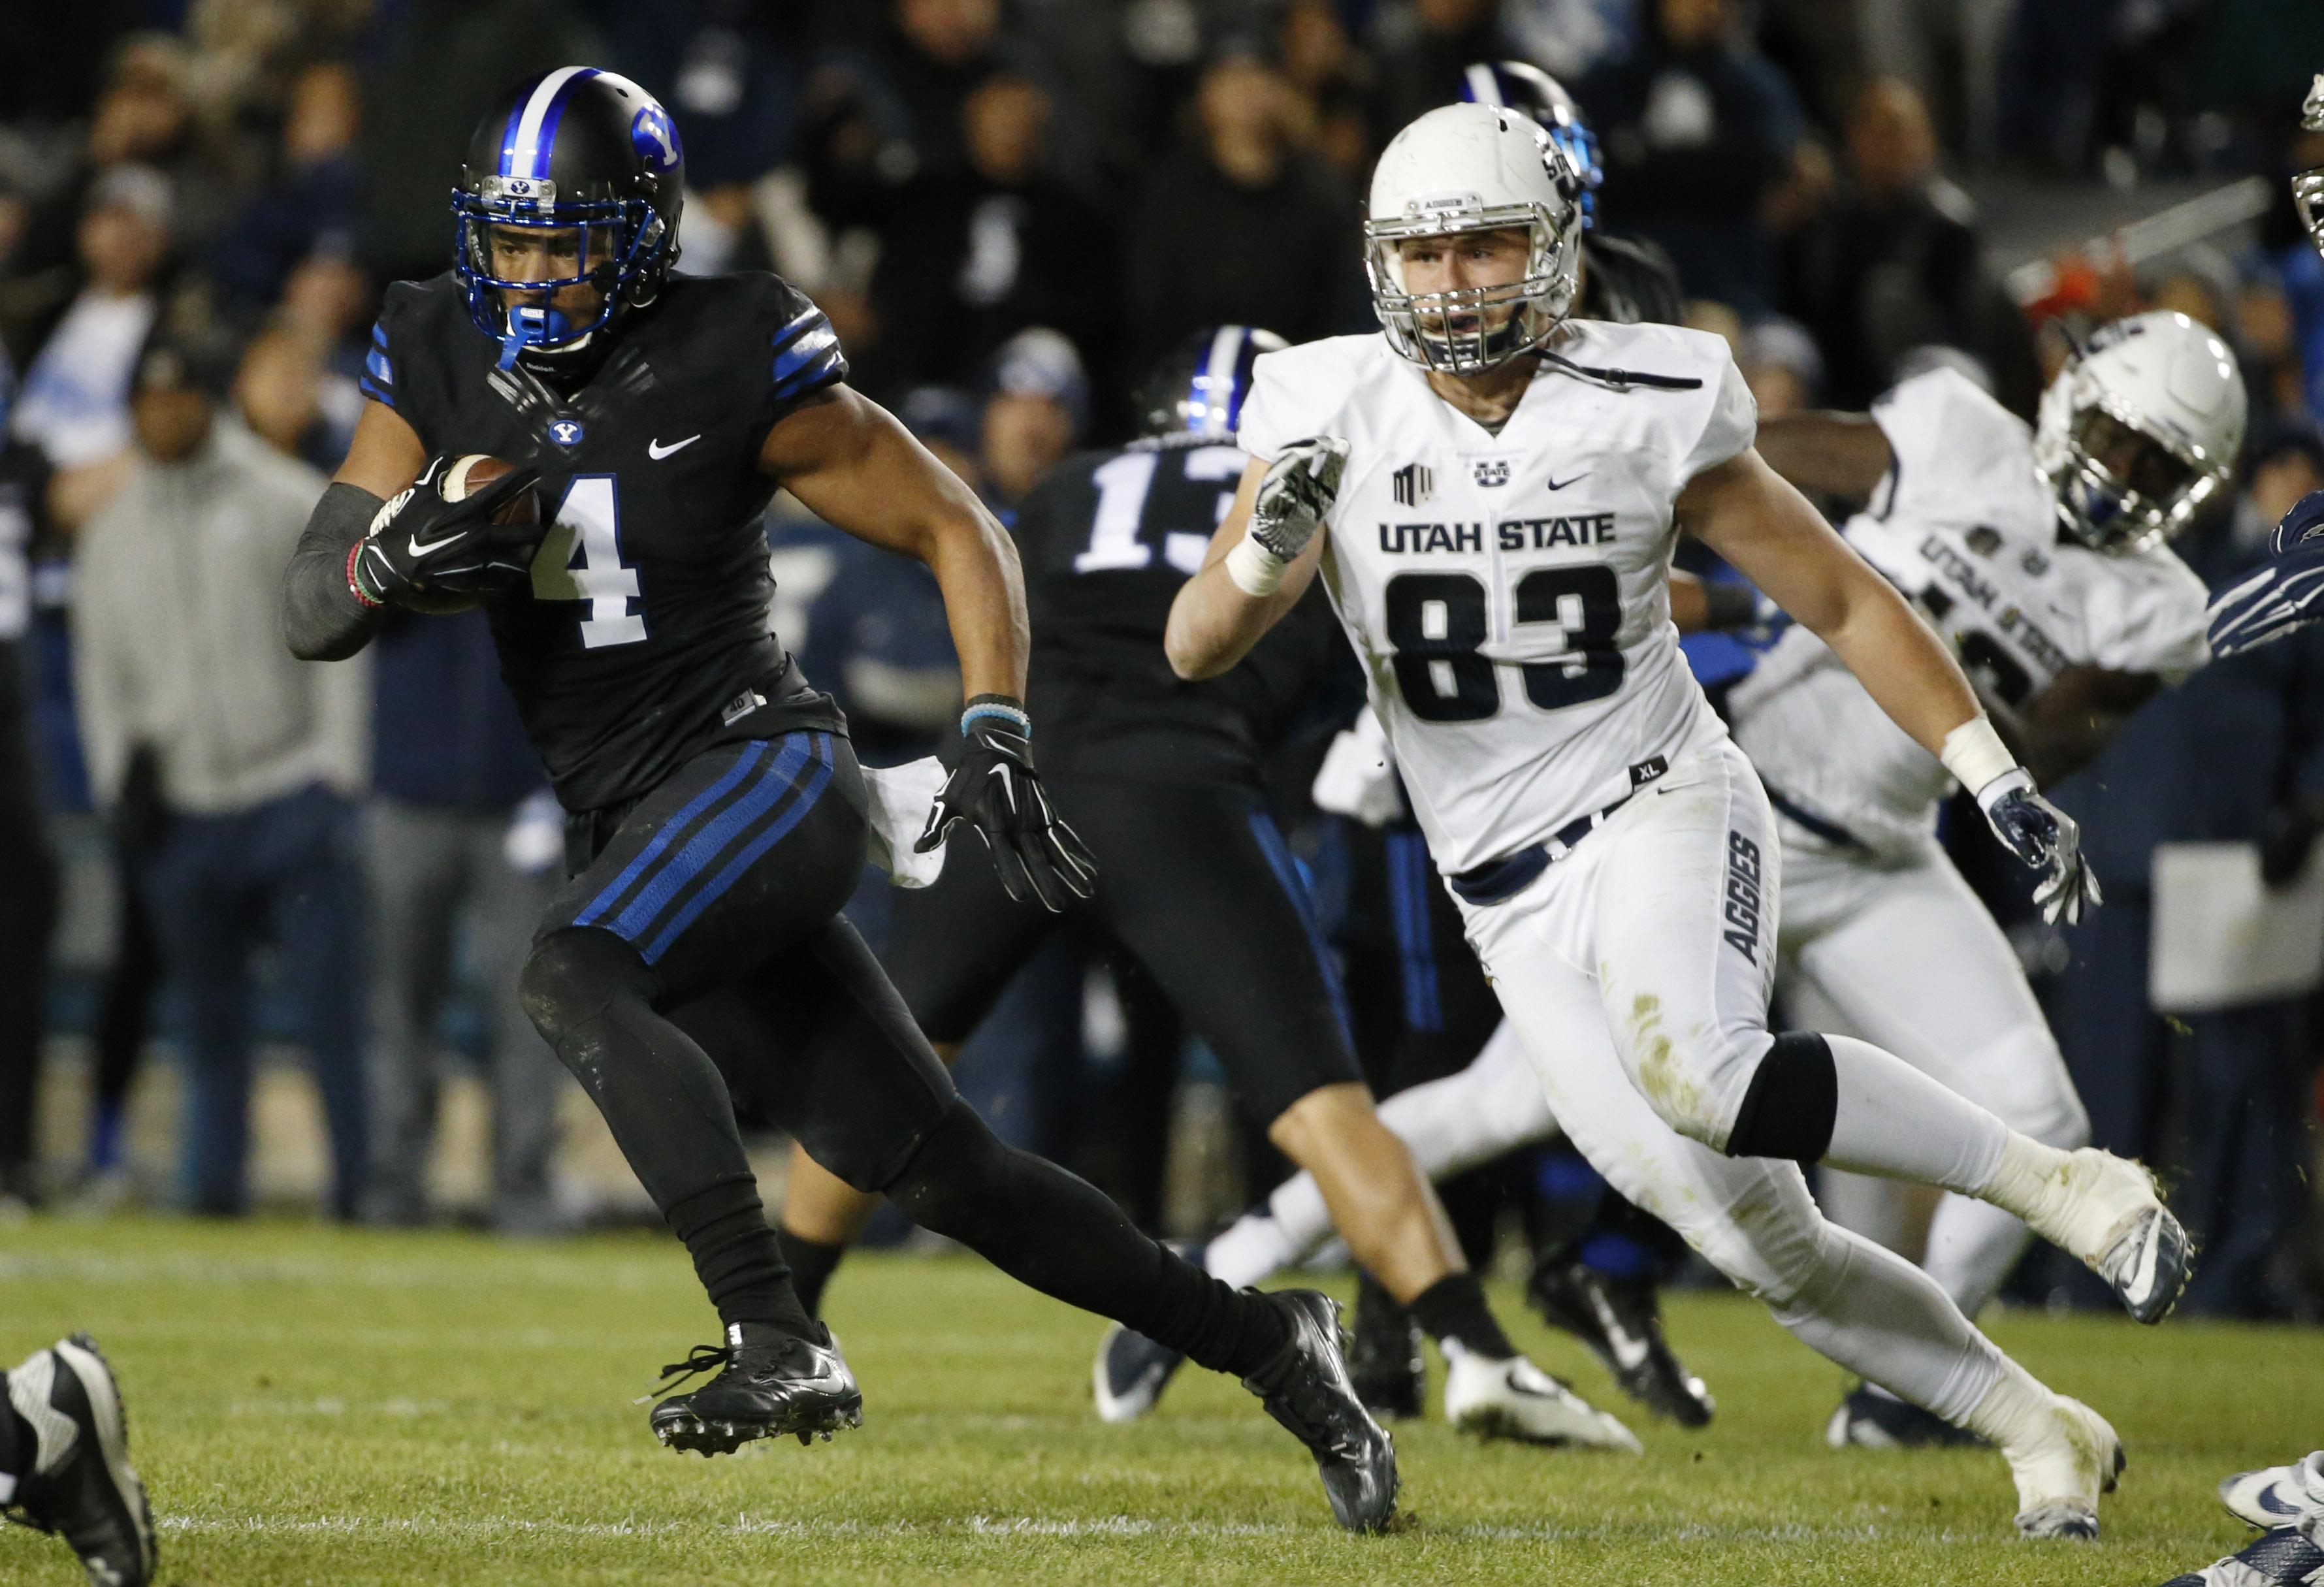 NCAA Football: Utah State at Brigham Young